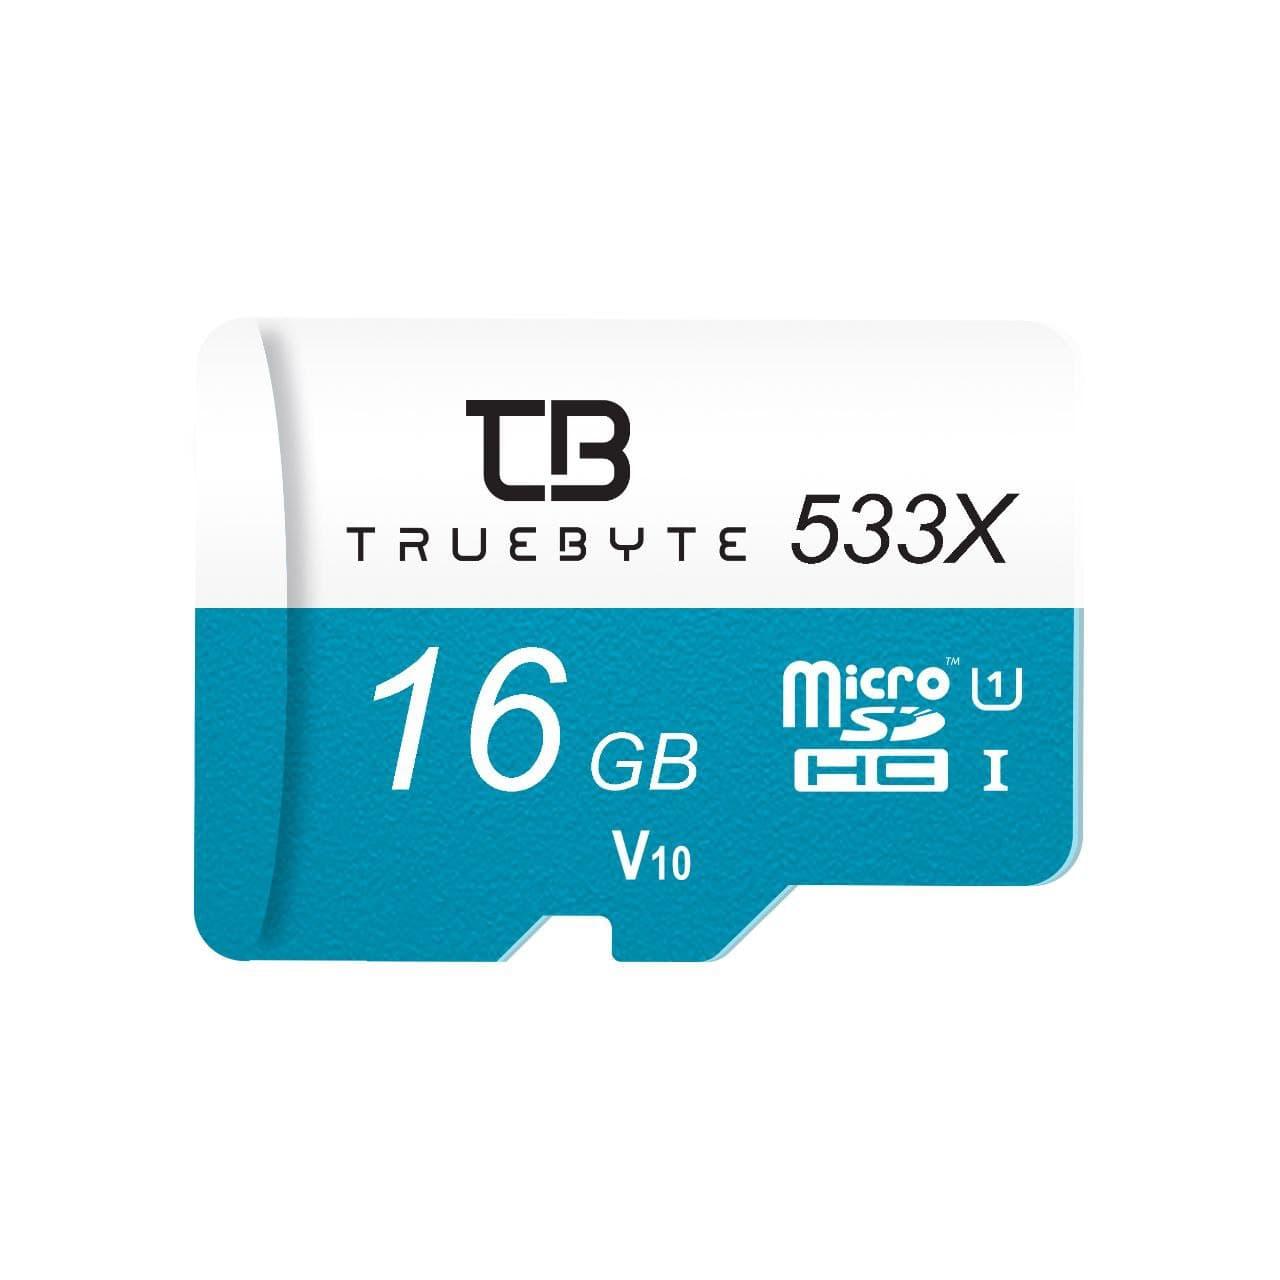 کارت حافظه microSD HC تروبایت مدل 533X V30 کلاس 10 استاندارد UHS-I U1 ظرفیت 16 گیگابایت